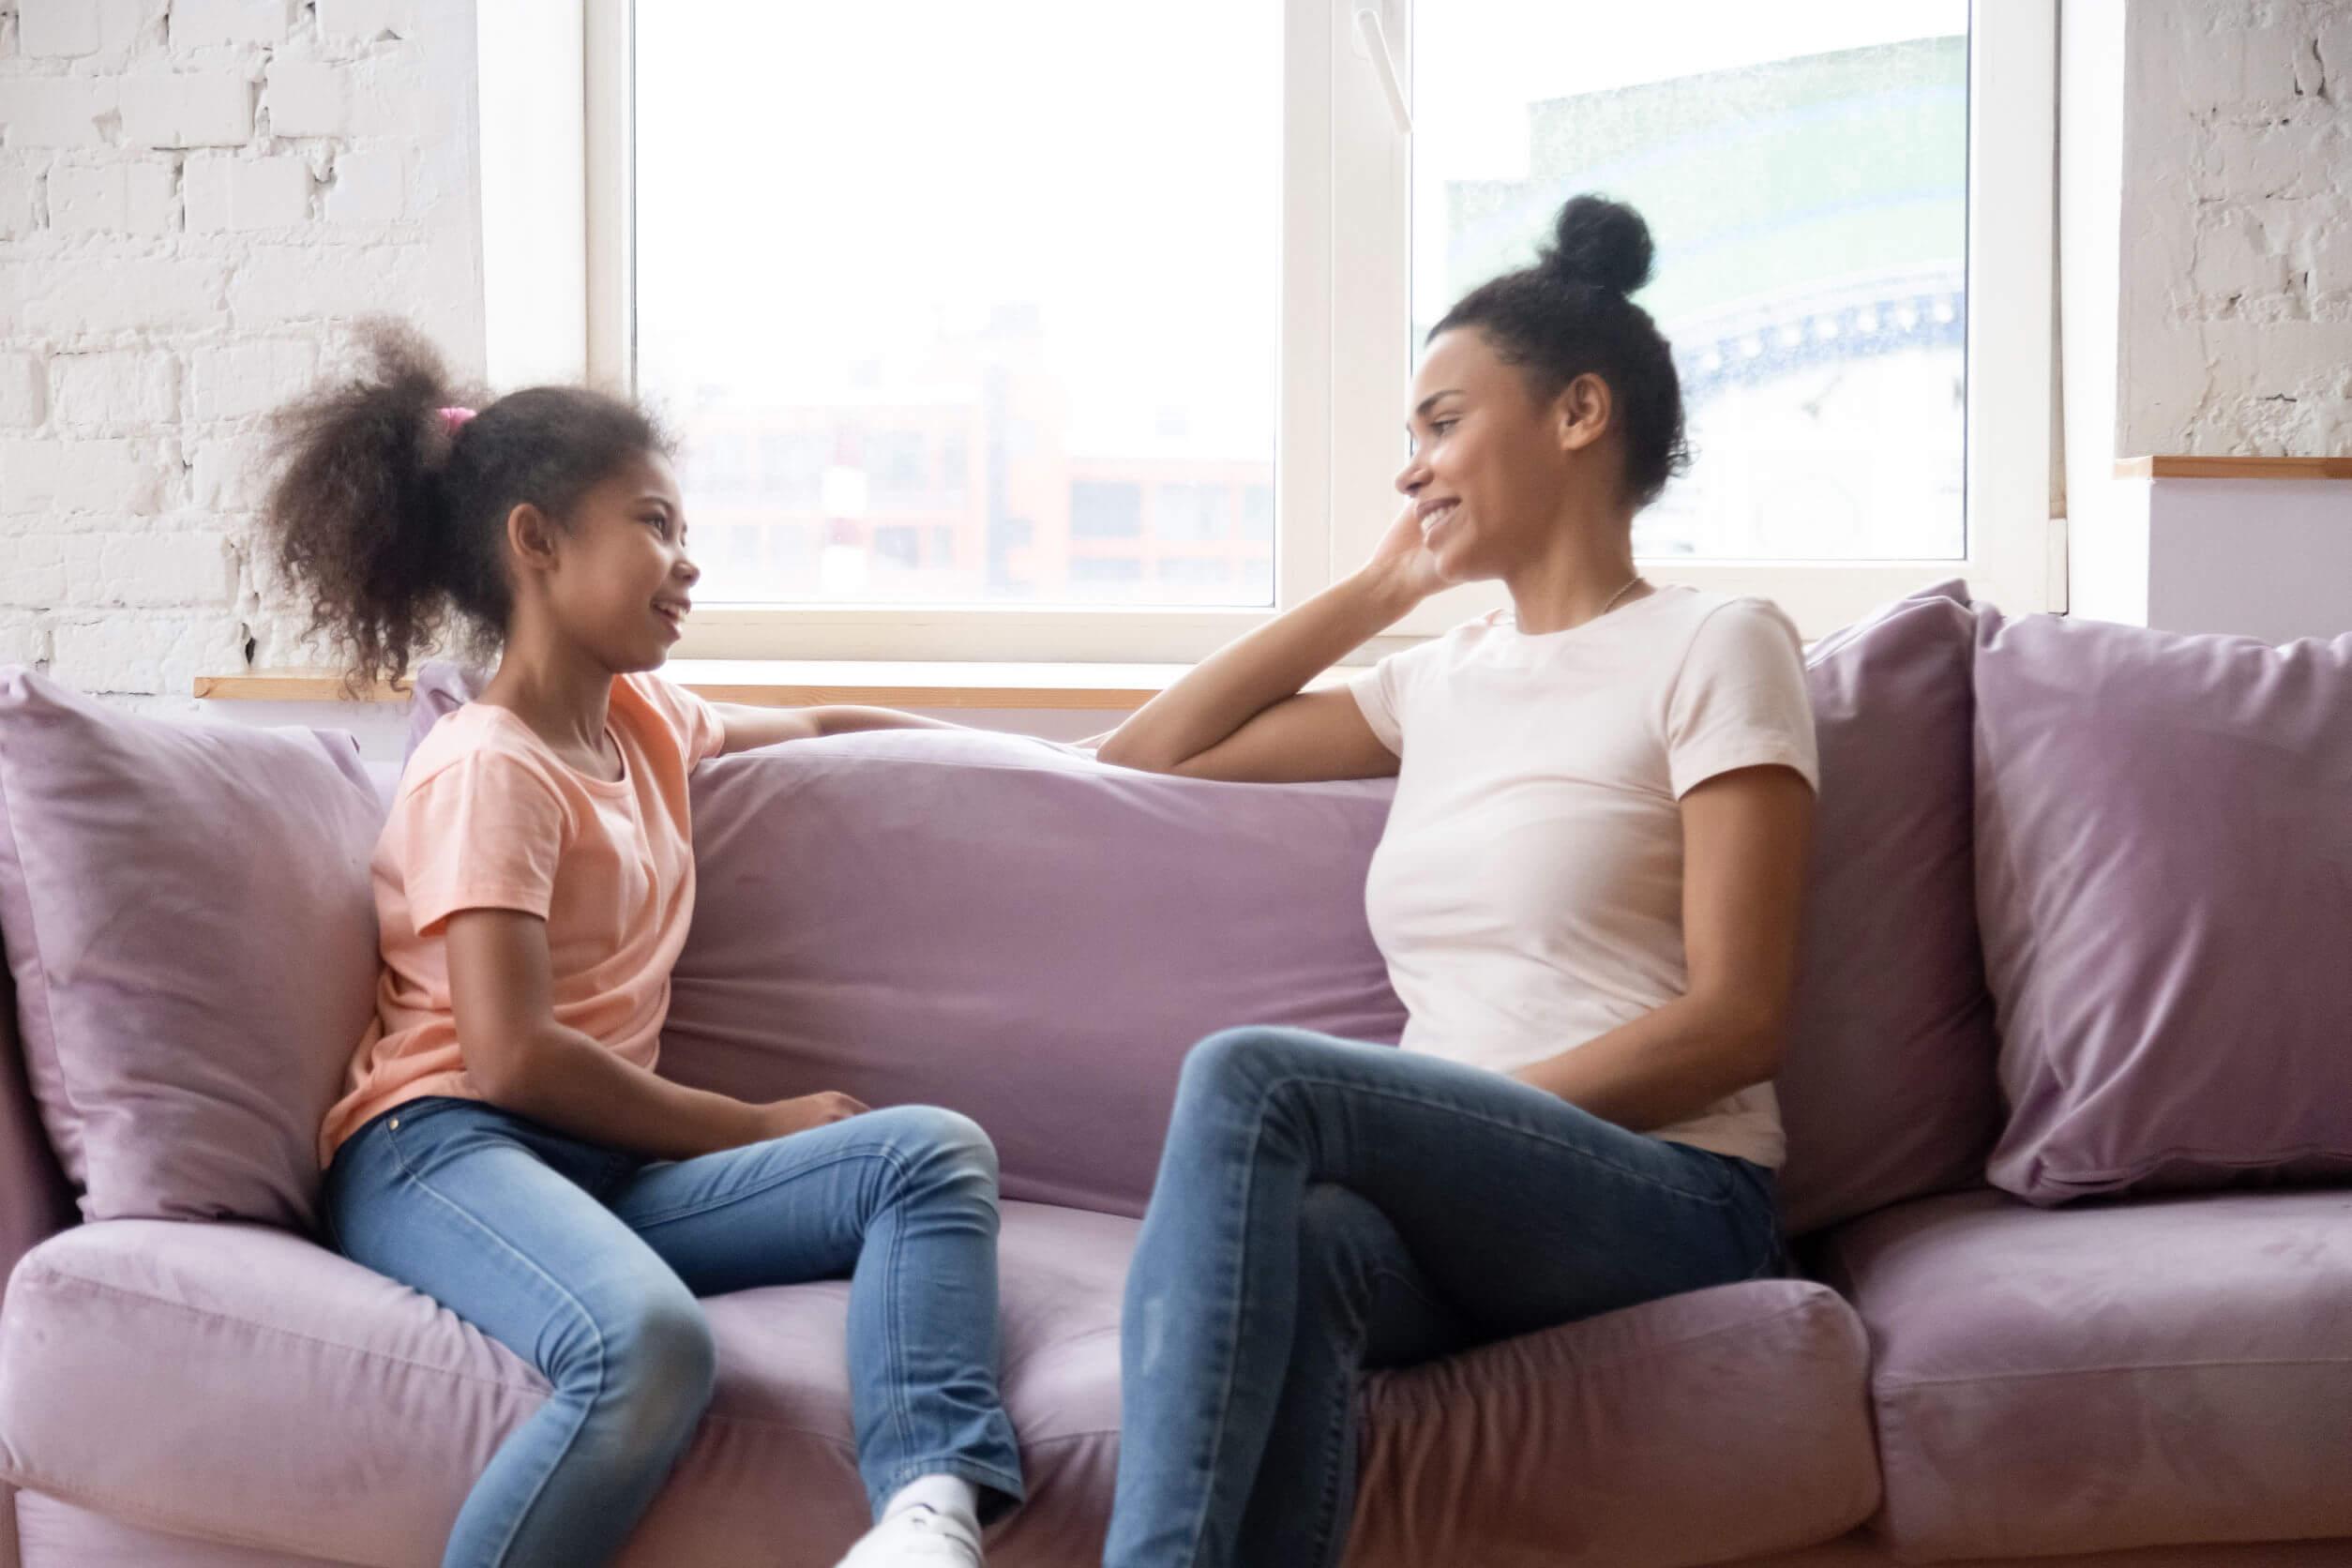 Madre hablando sinceramente con su hija porque sabe que no hay que mentir a los niños.